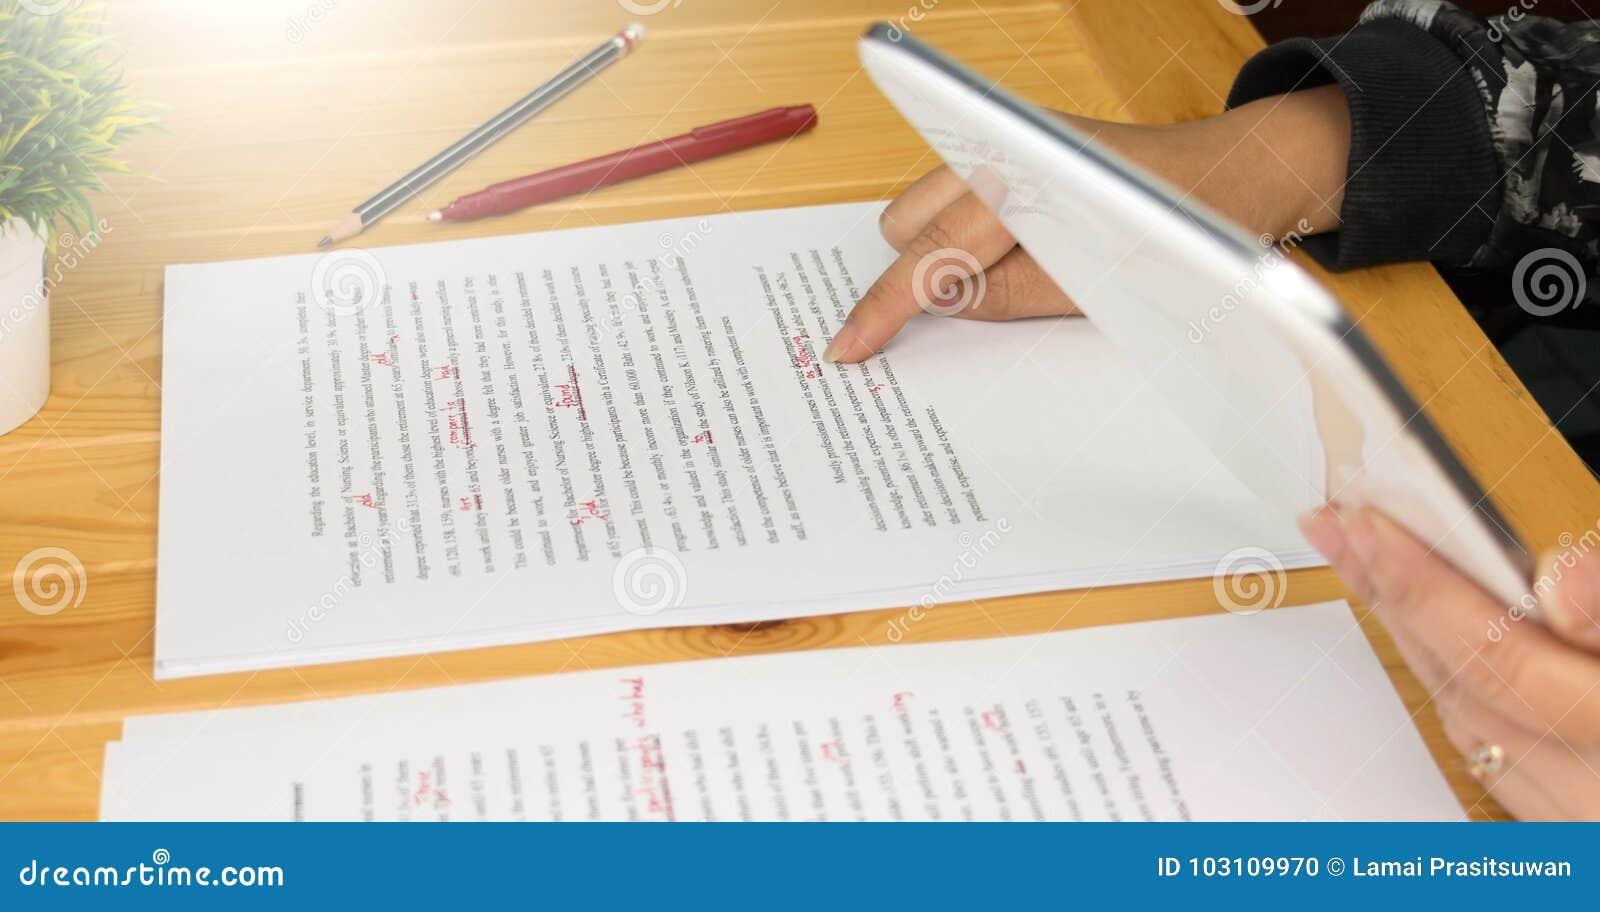 Proofread essay